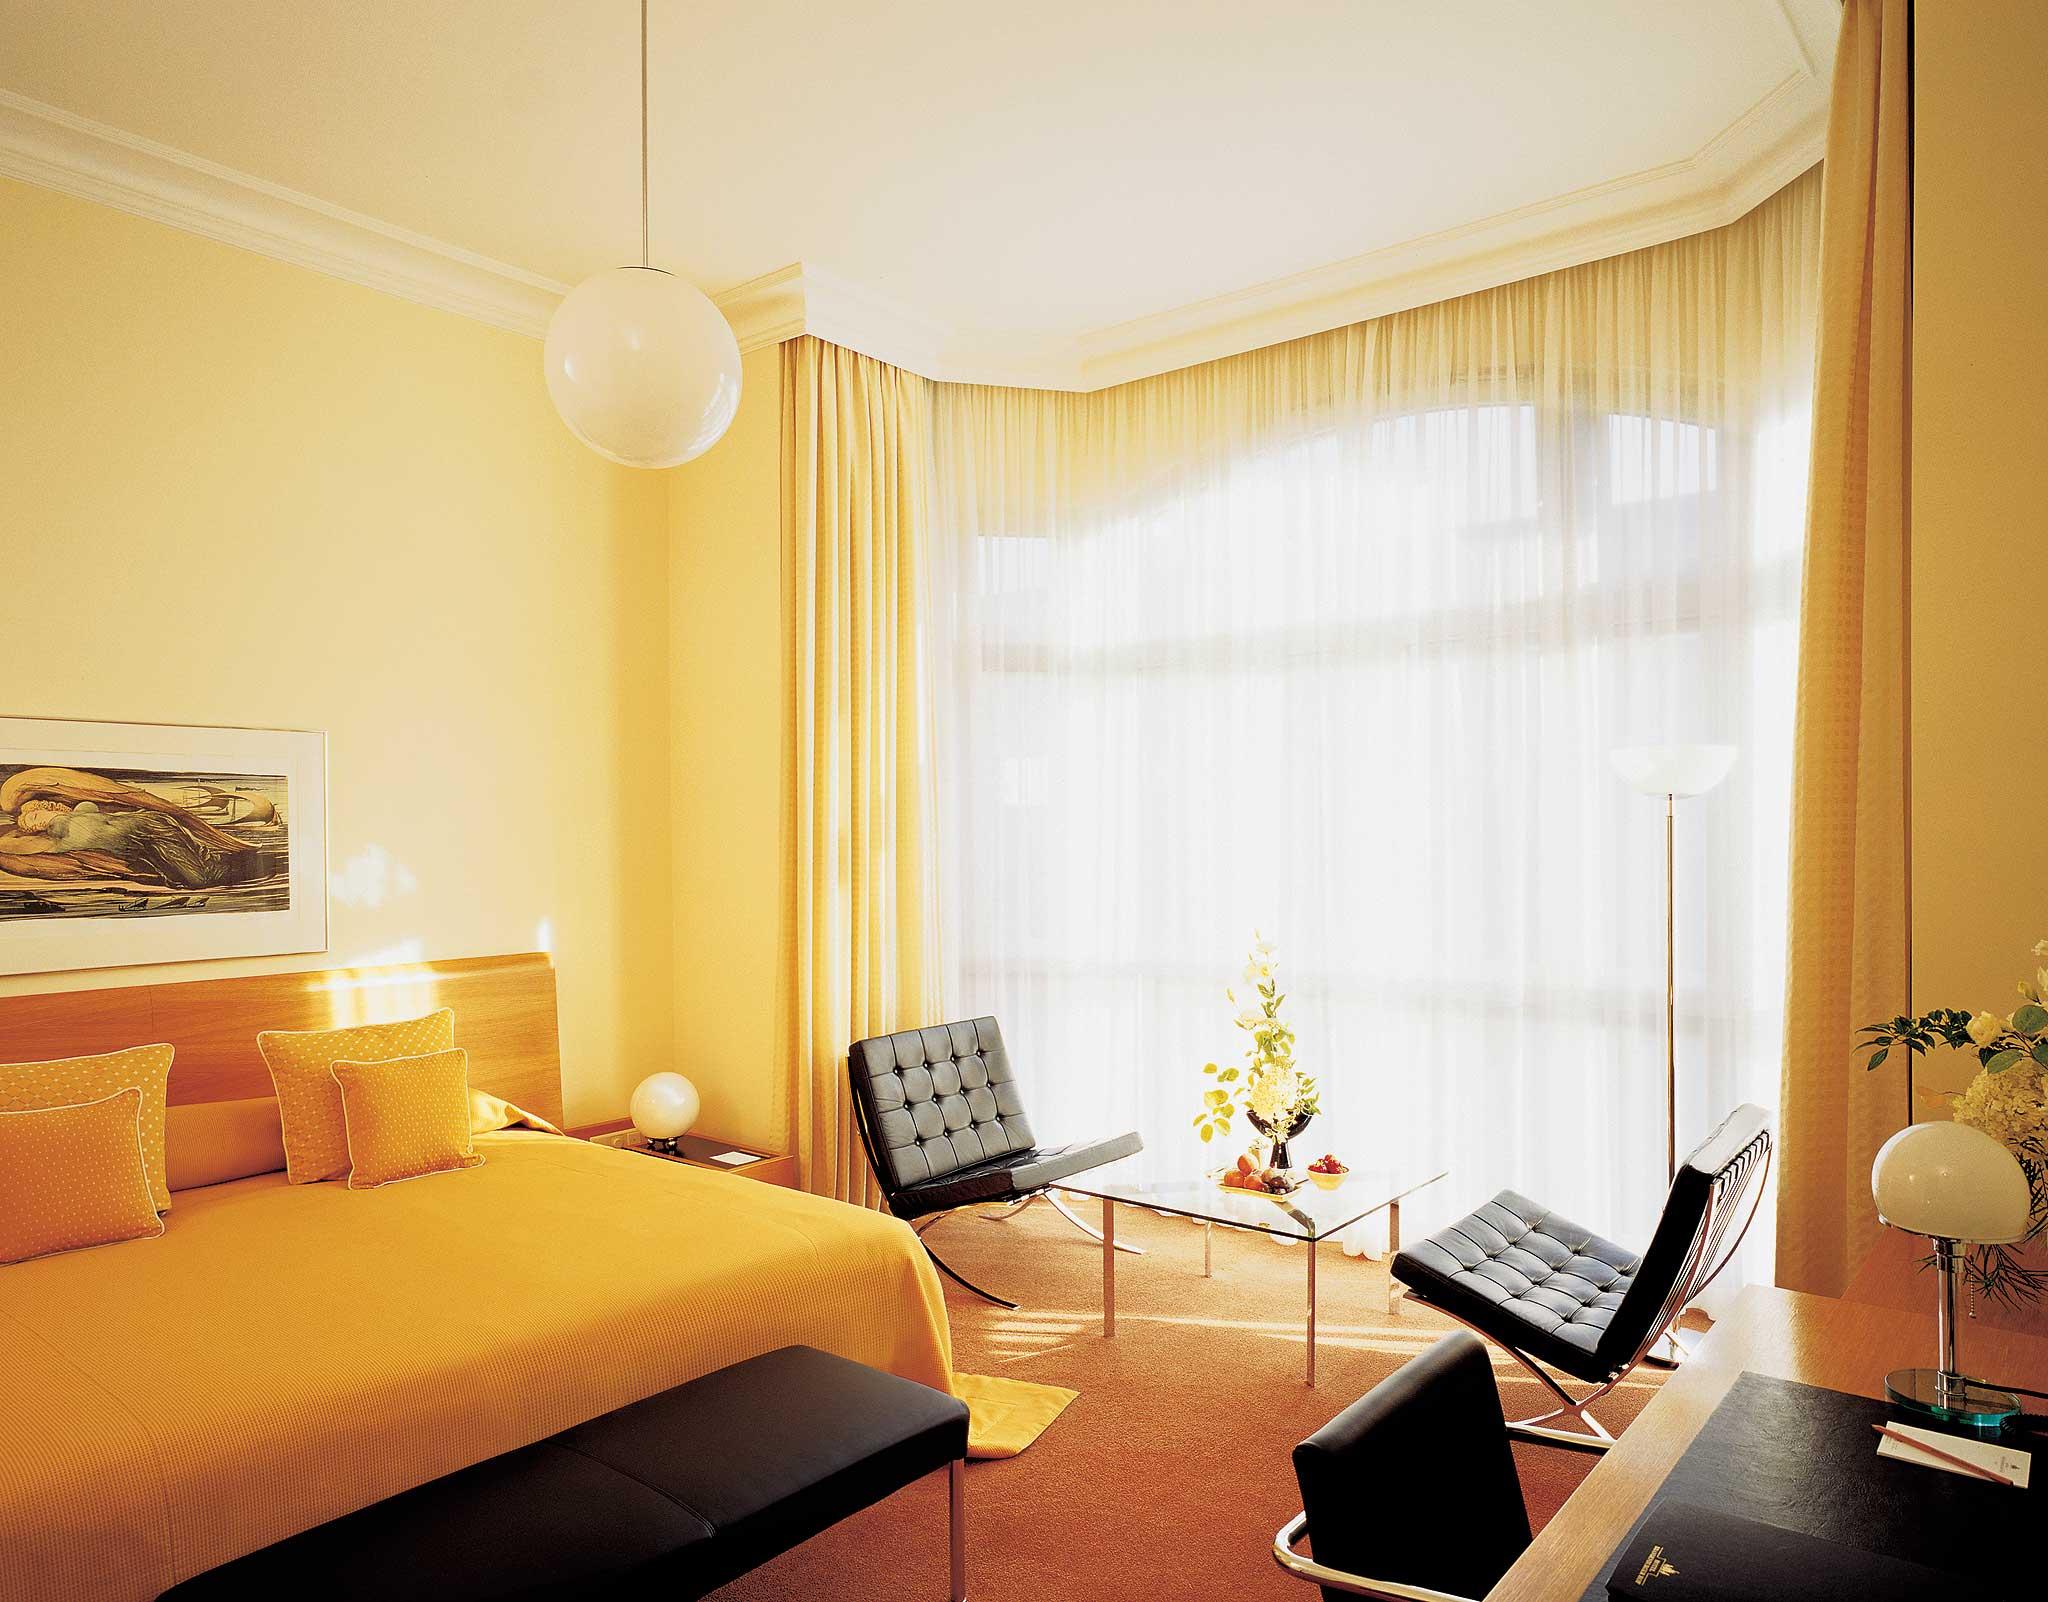 Die Zimmer werden geprägt durch eine Mischung aus Gründerzeit und Bauhaus, Chinoiserien und Eiche.